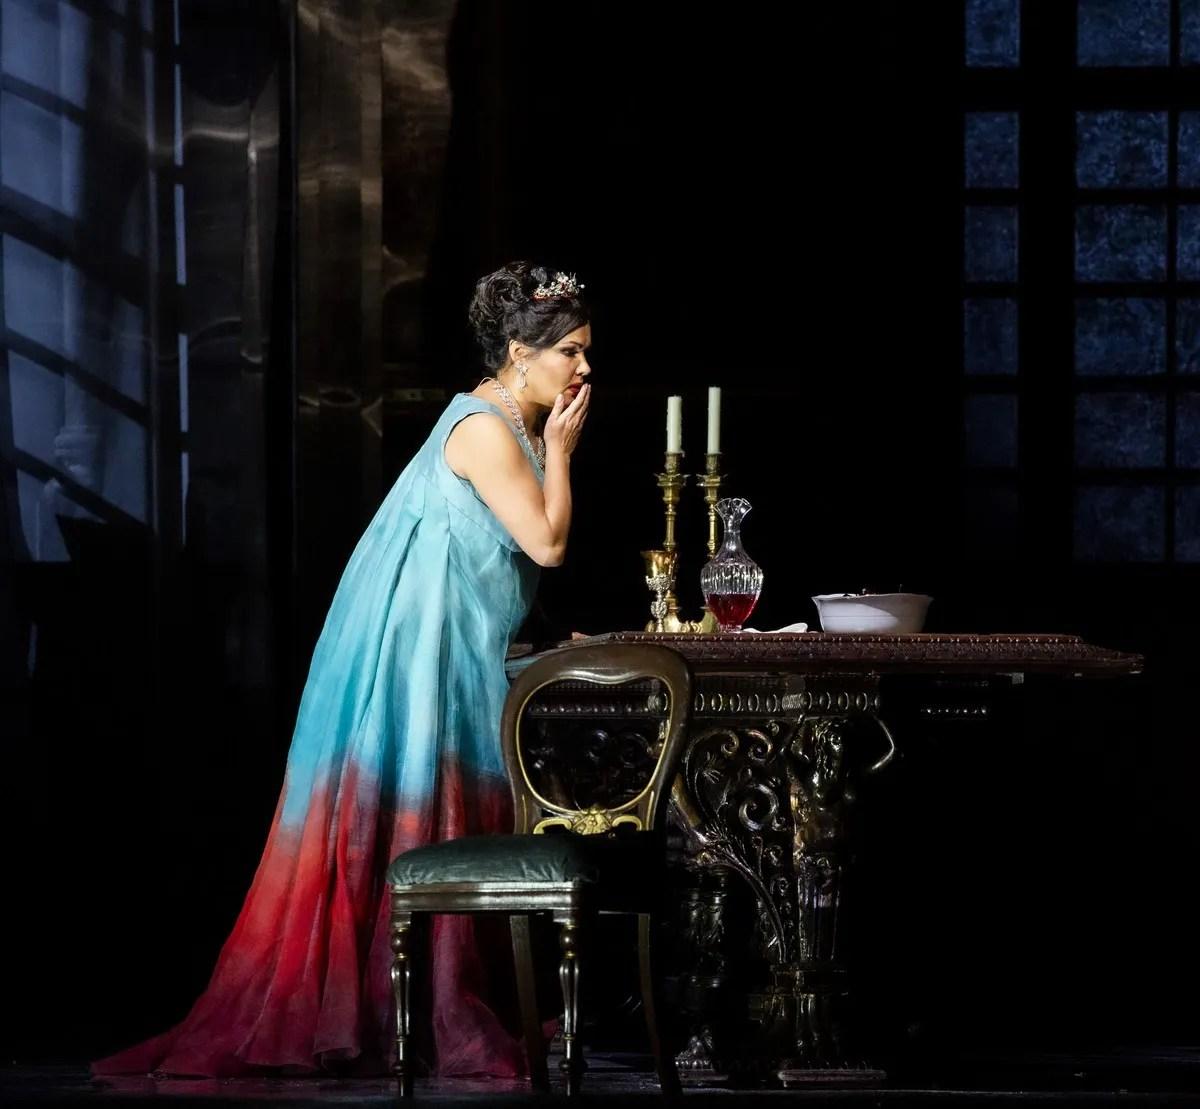 26 Tosca with Netrebko, photo by Brescia e Amisano, Teatro alla Scala 2019